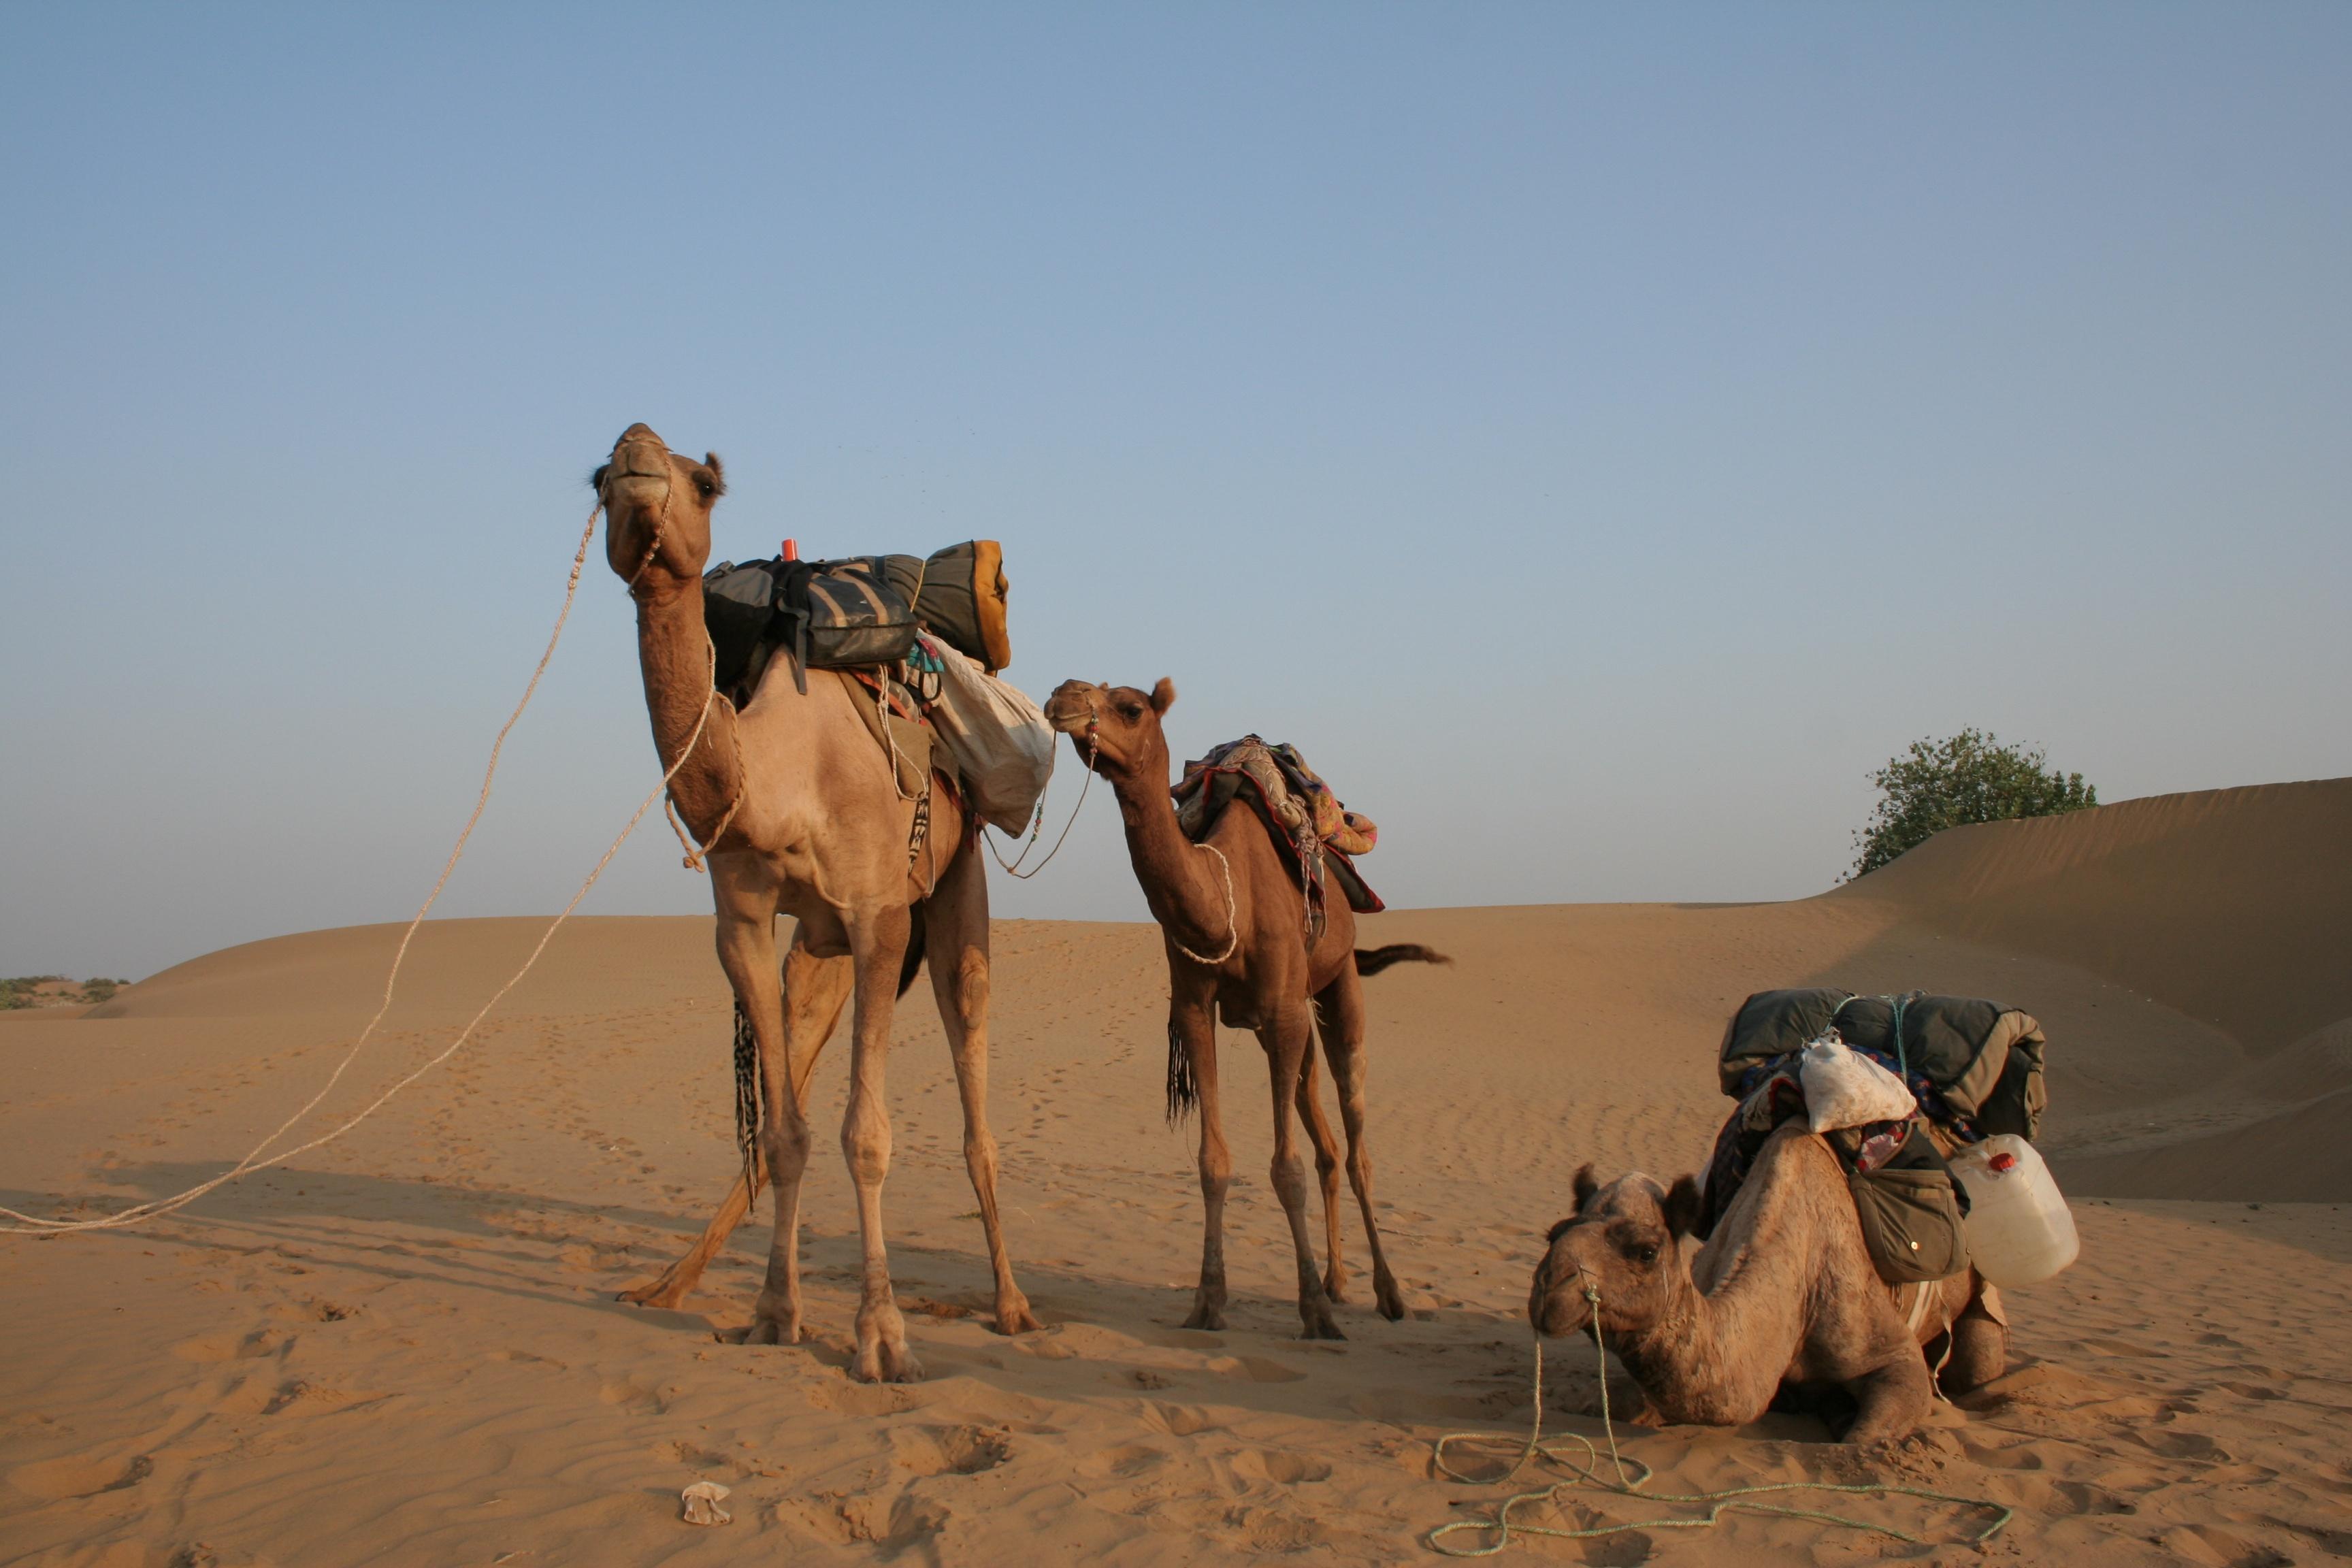 File:Thar Desert (6652766323).jpg - Wikimedia Commons